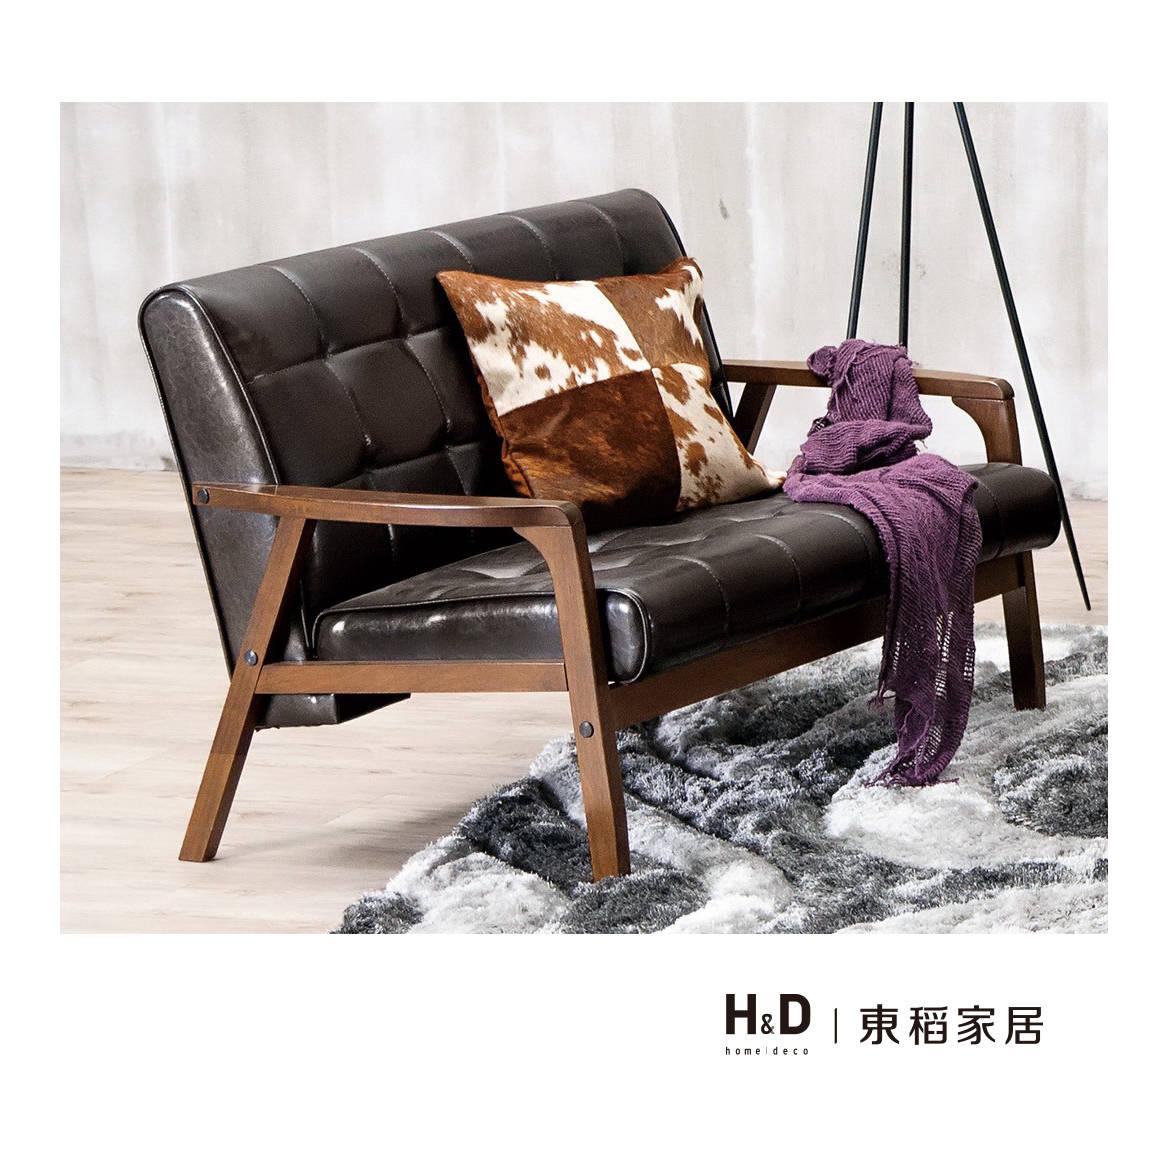 瓦爾德休閒沙發雙人椅